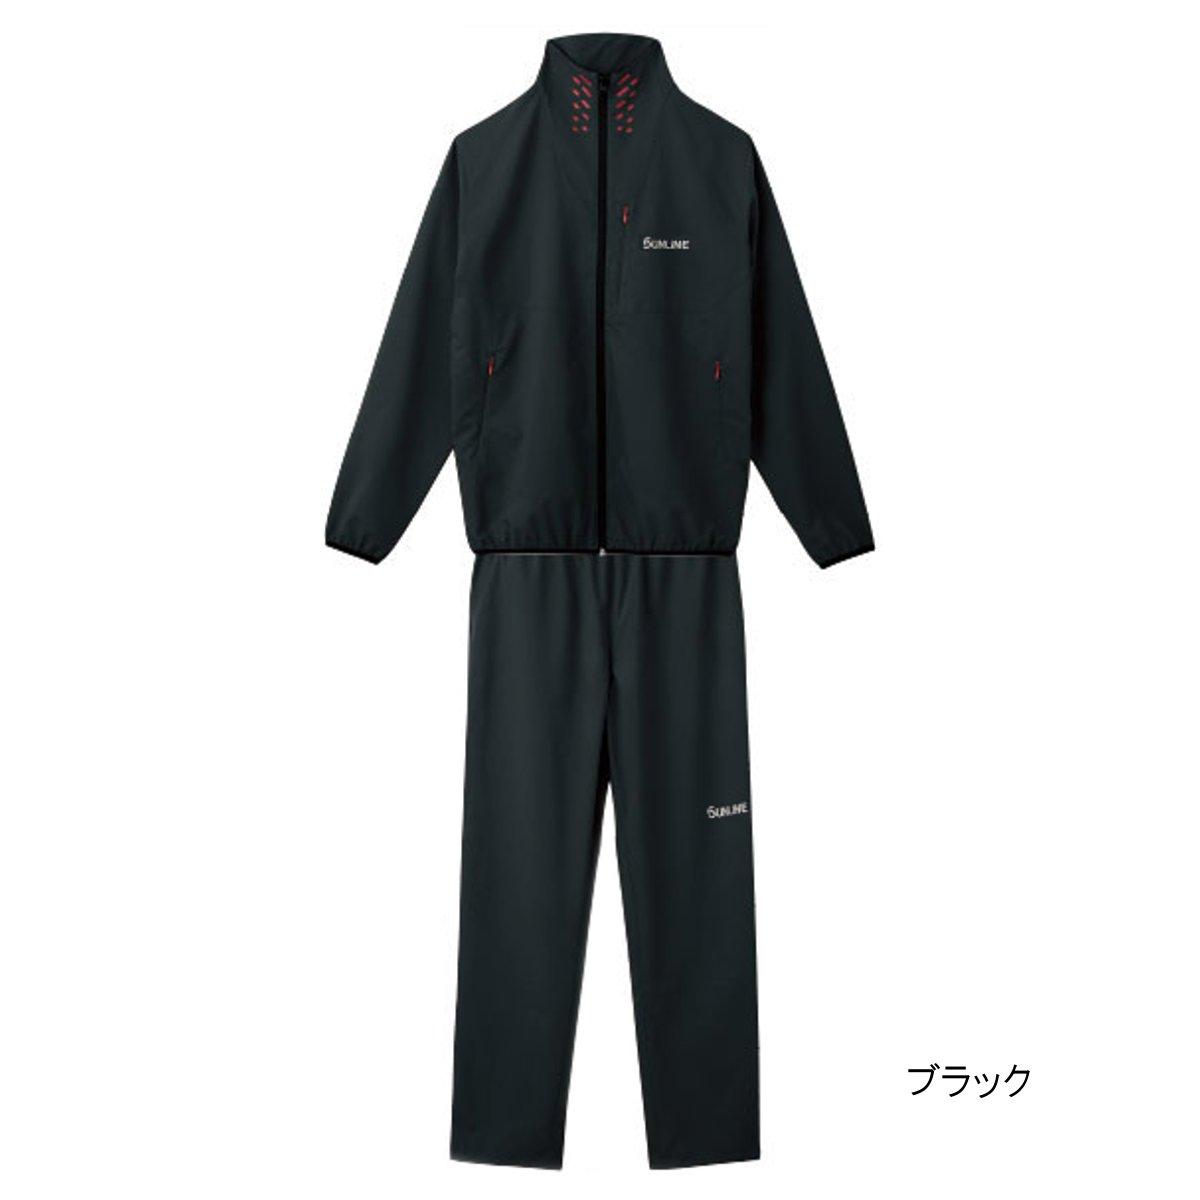 ライトストレッチスーツ SUW-3226 L ブラック【送料無料】